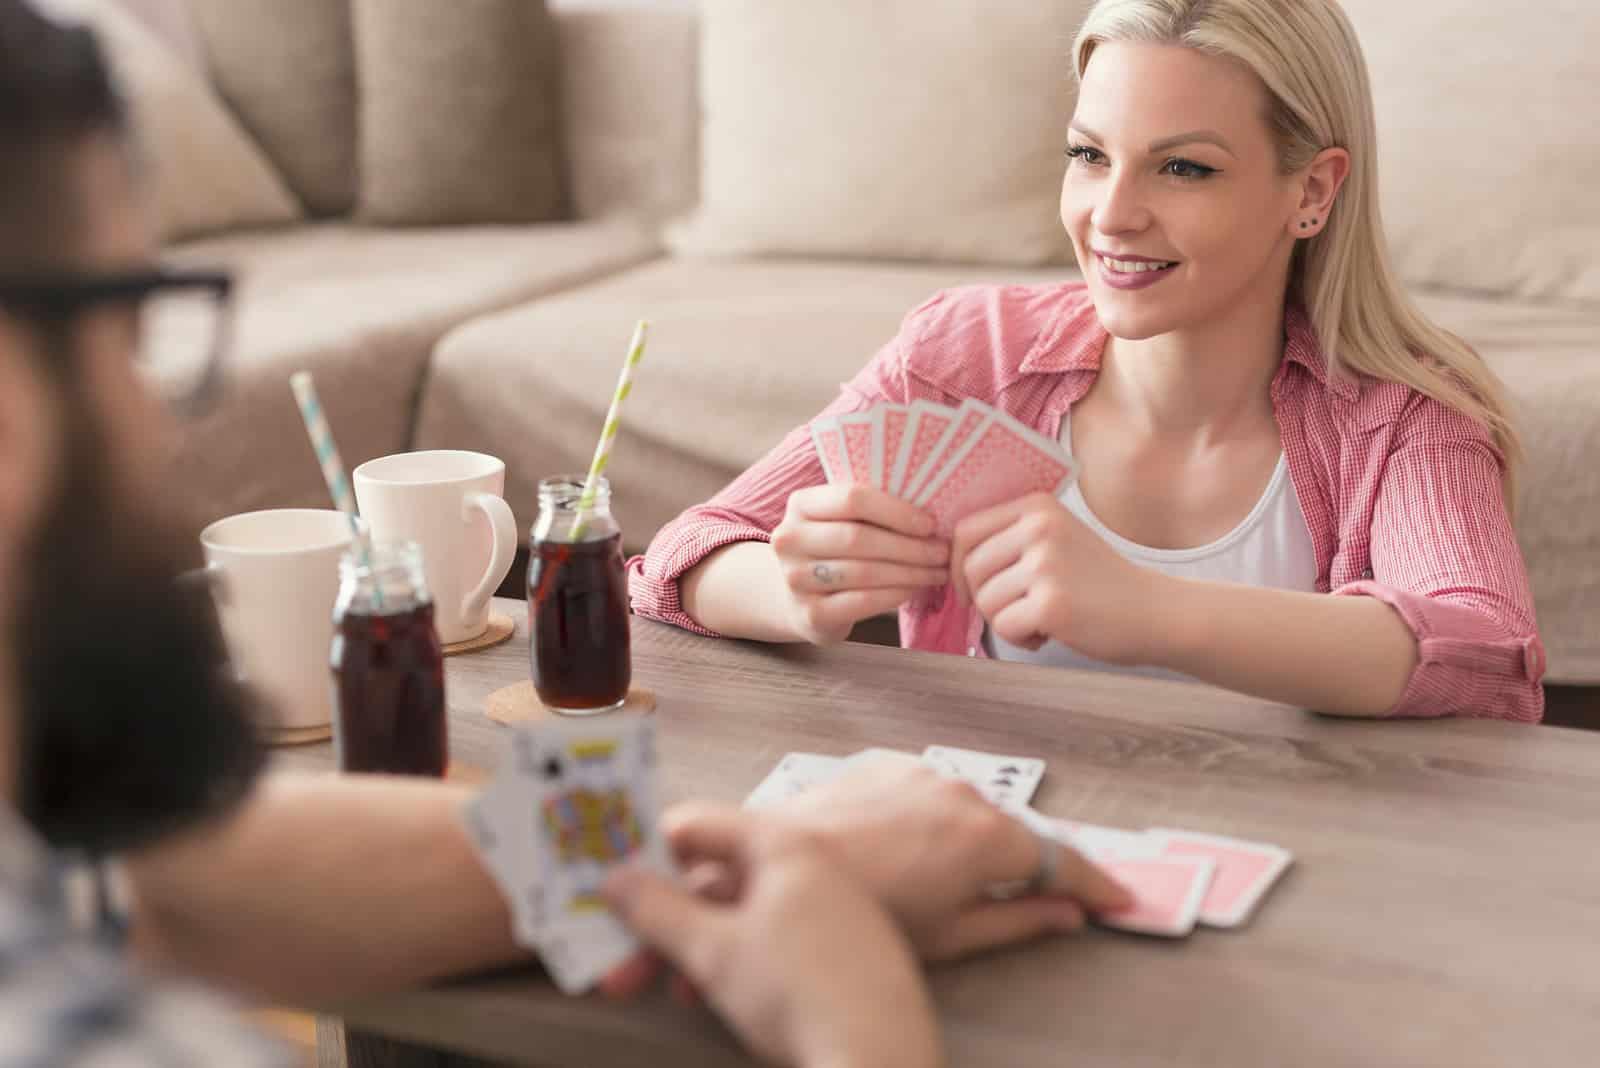 une femme assise sur le sol et jouer aux cartes avec un homme